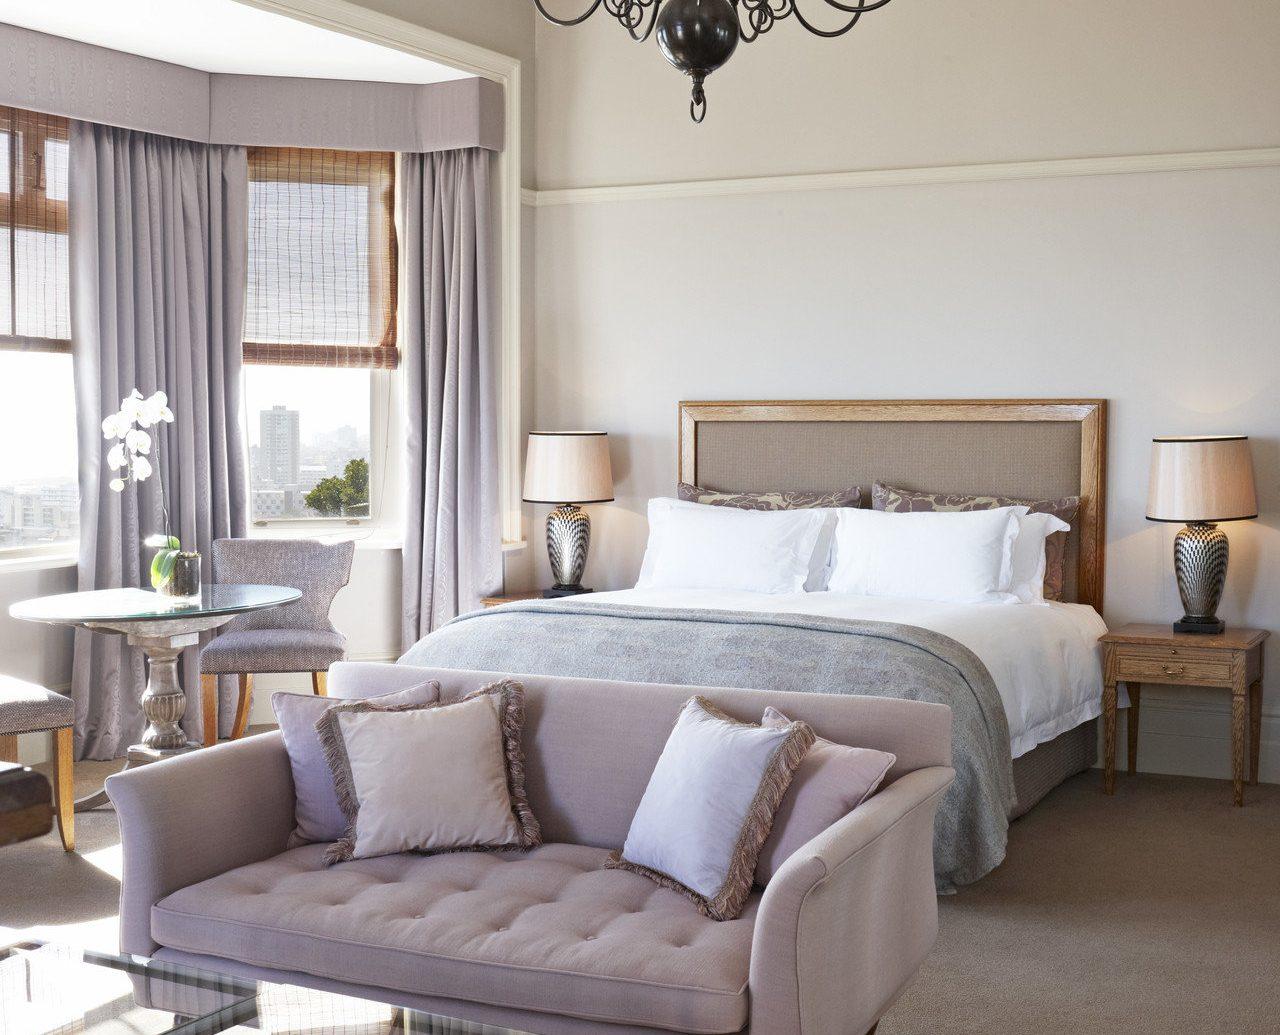 Hotels indoor wall floor room white living room bed window property home furniture interior design Bedroom real estate estate Design cottage